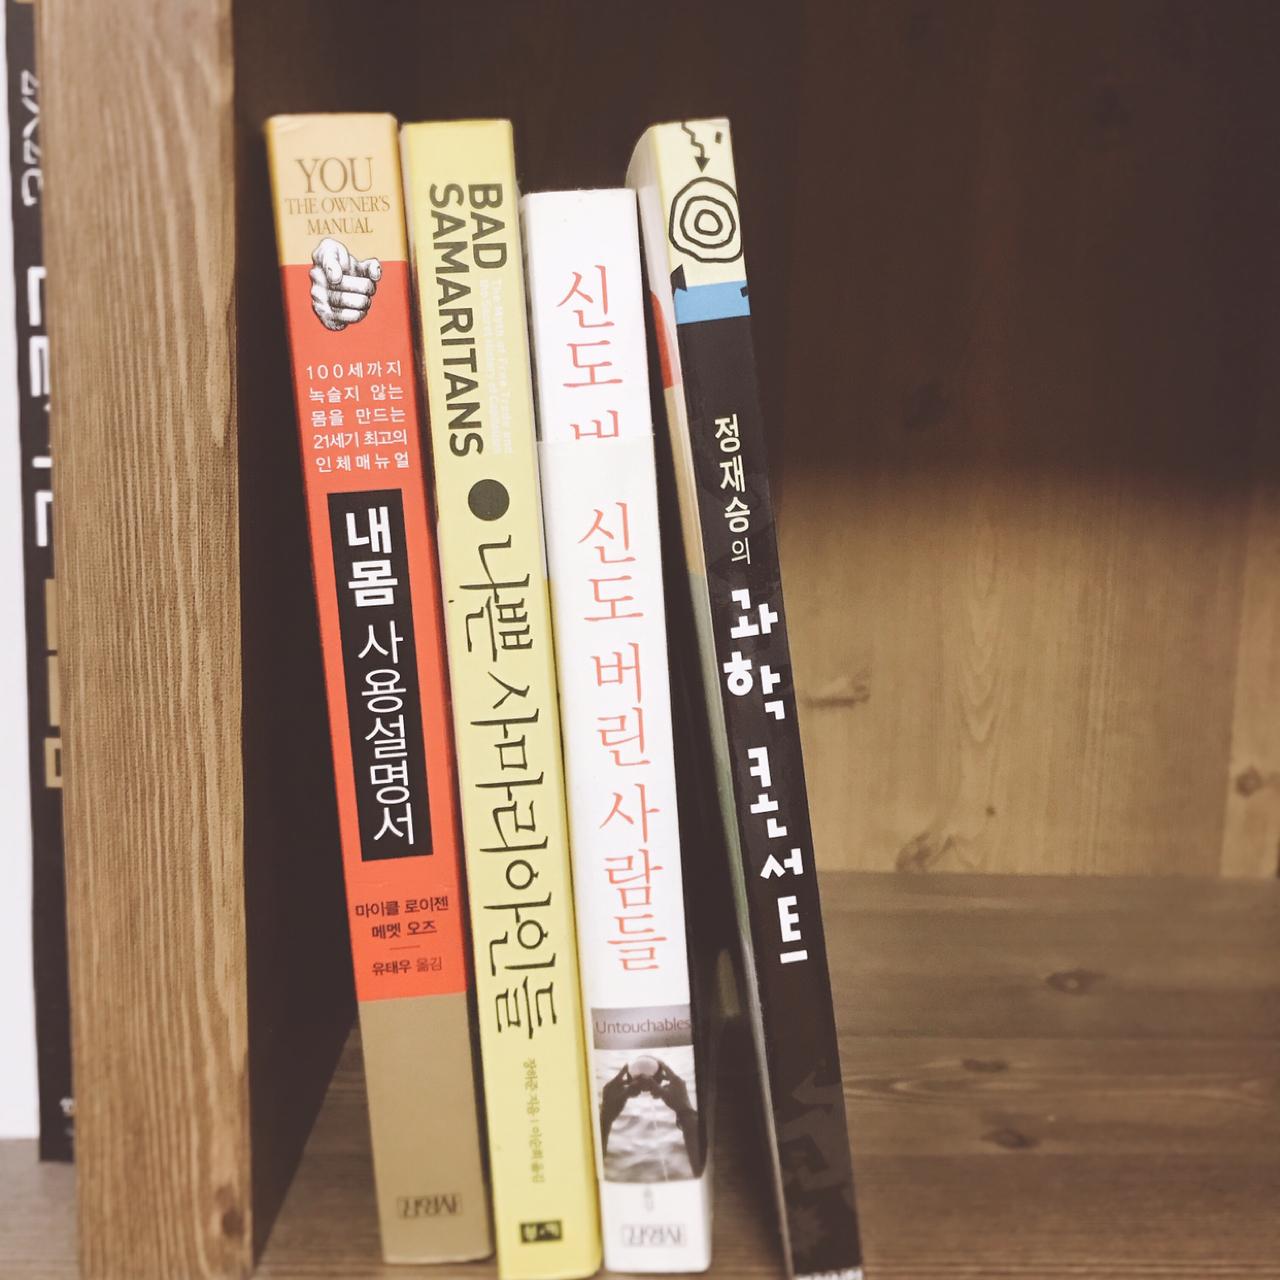 지식 쌓기 좋은 책 총 4권